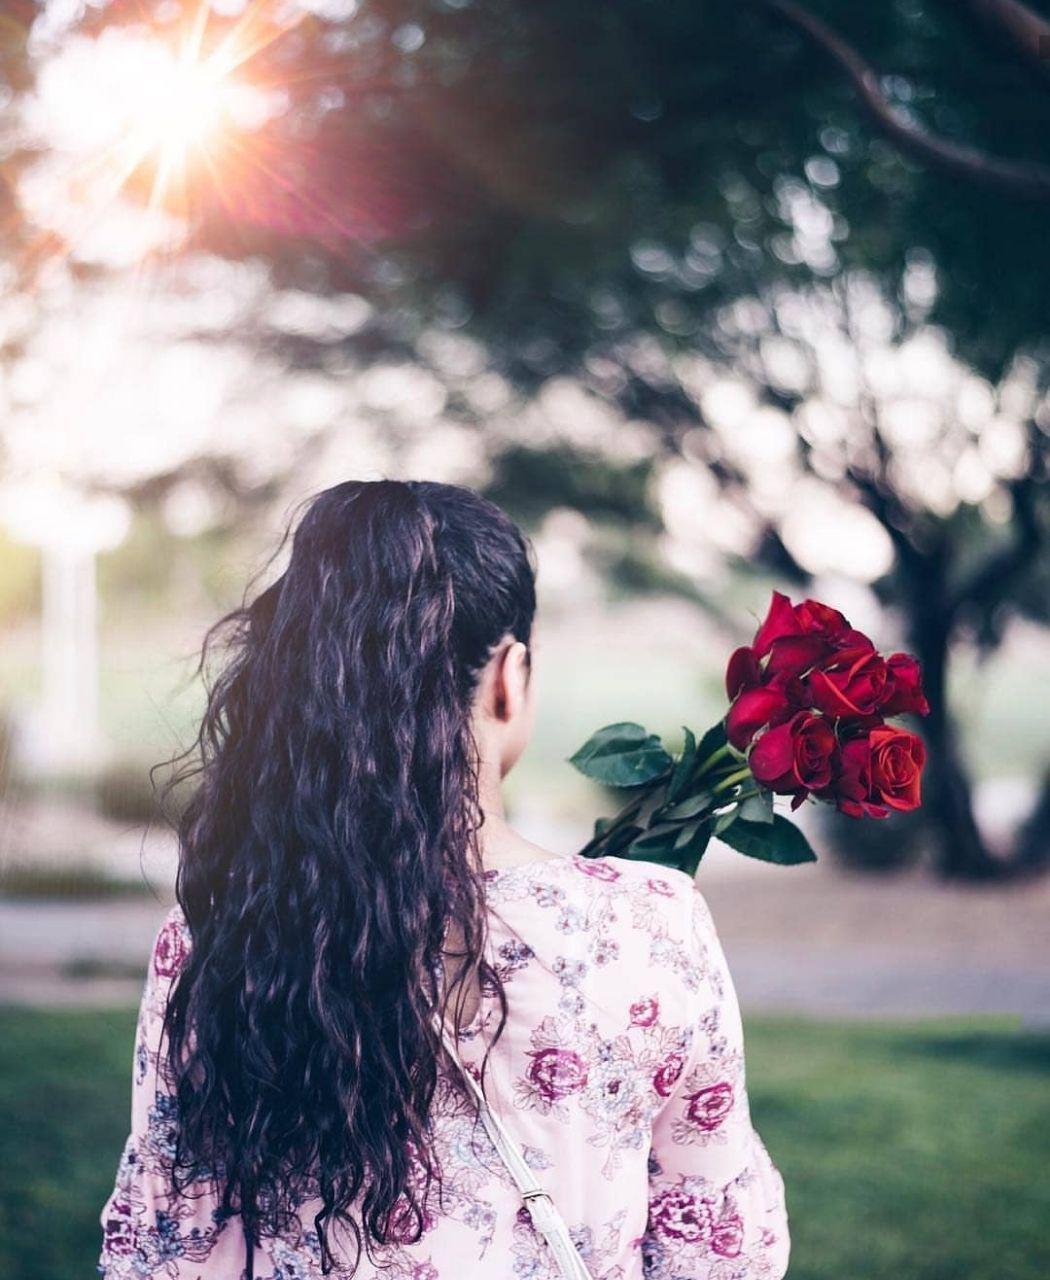 عکس دختر با موهای بلند زیبا